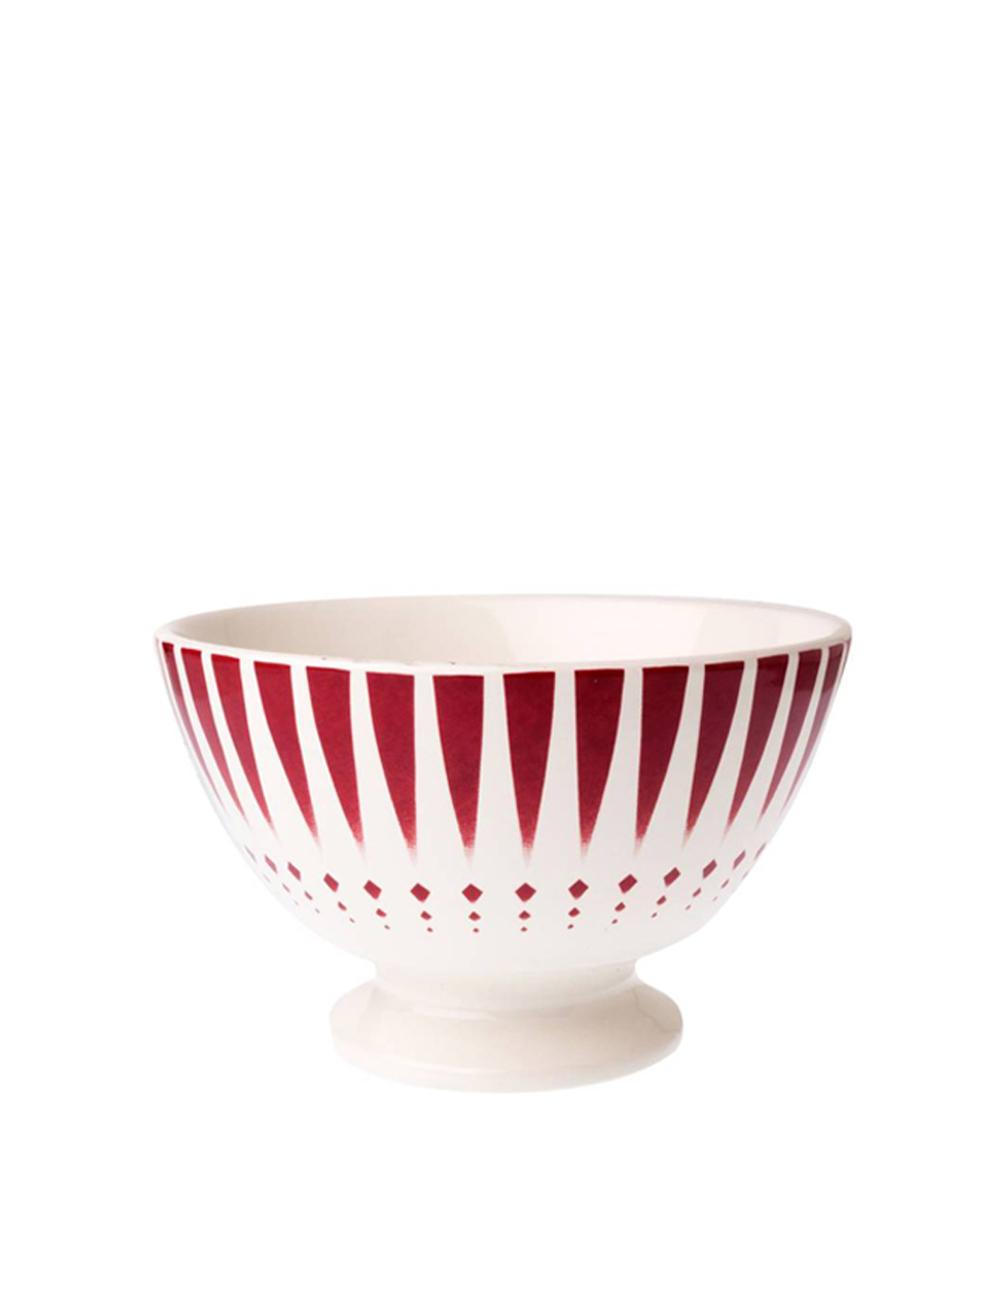 skál café au lait, French vintage, Dépôt d'Argonne, arlequin red | mixmix reykjavik